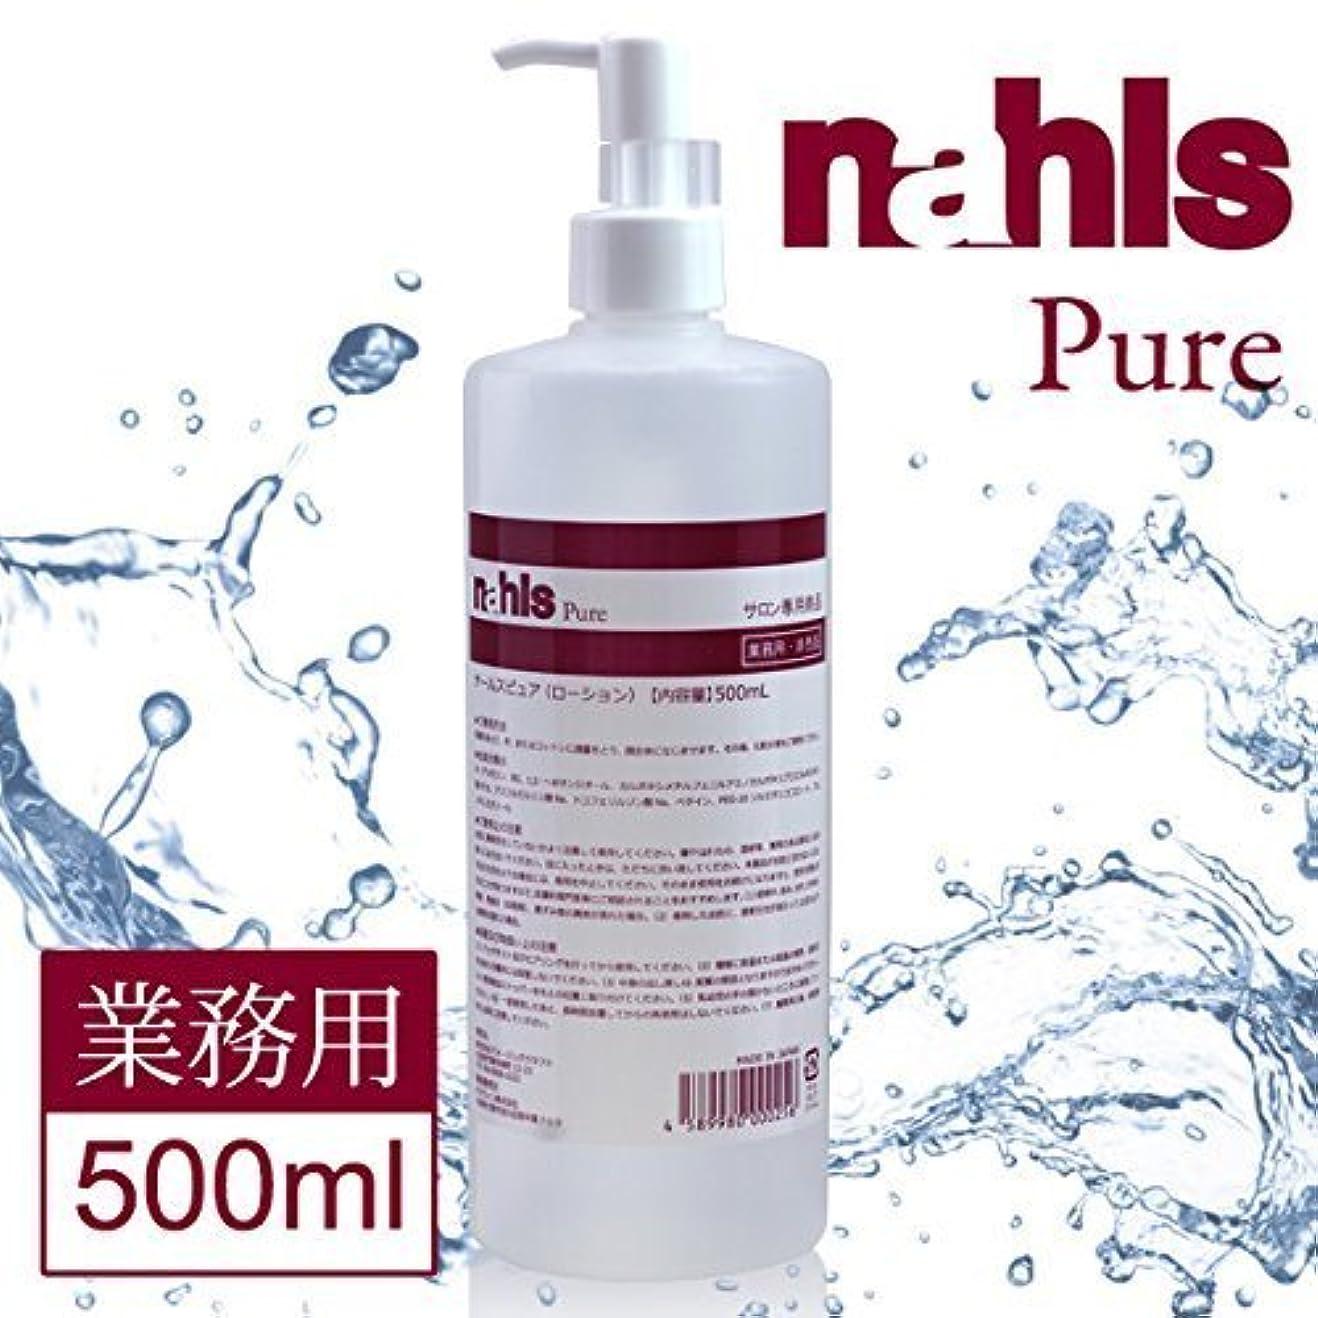 代わって努力する穀物ナールスピュア ローション 500ml エイジングケア 保湿化粧水